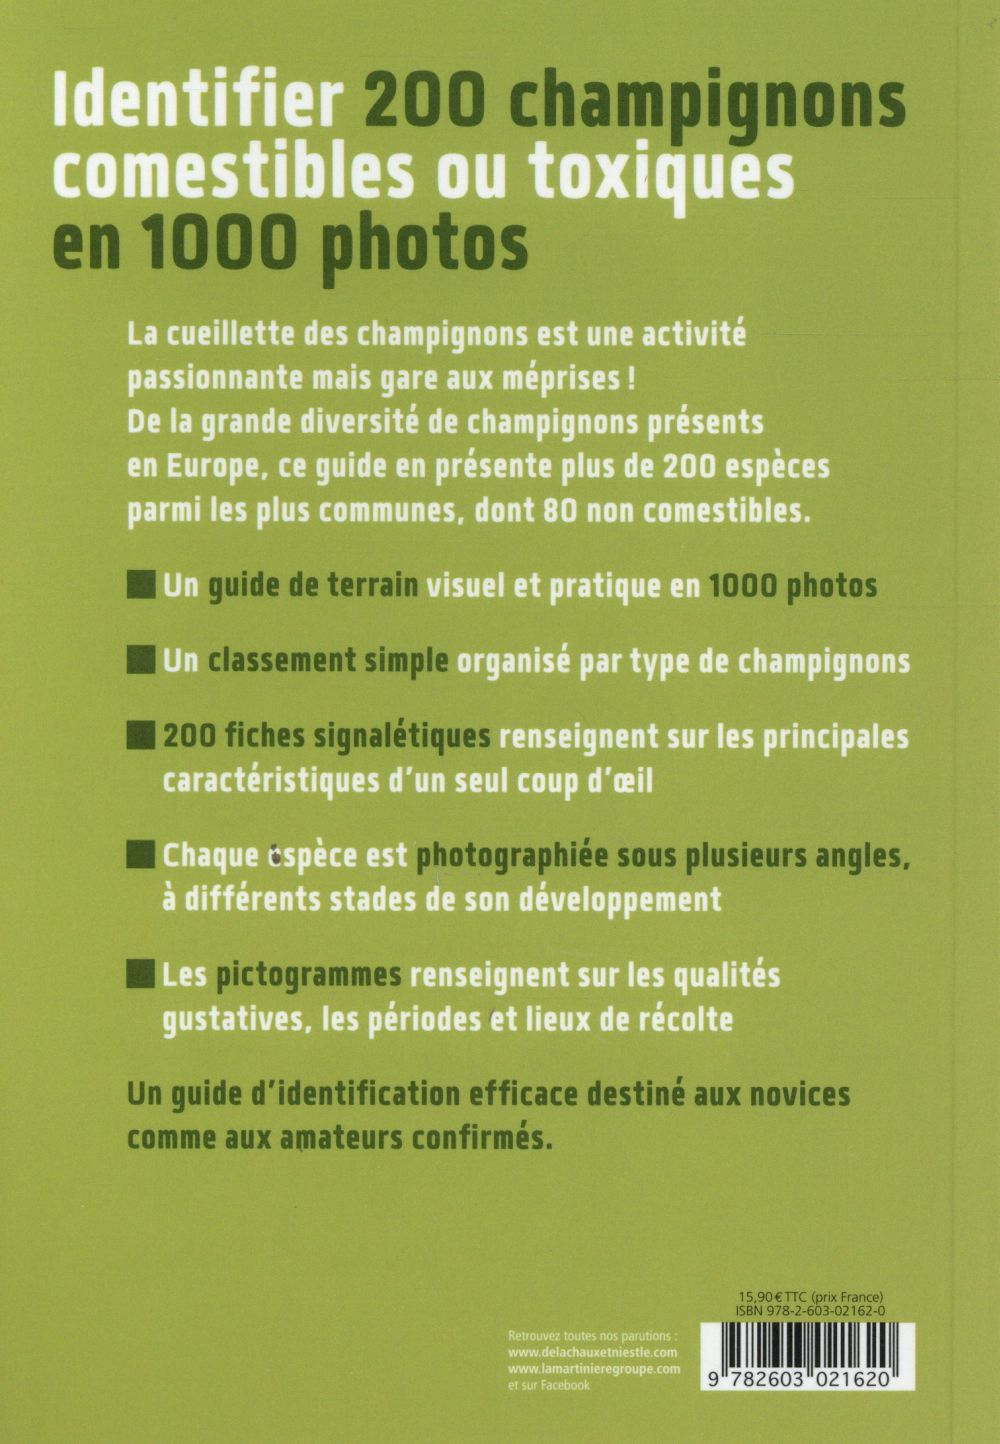 Identifier 200 champignons comestibles ou toxiques ; 1000 photos